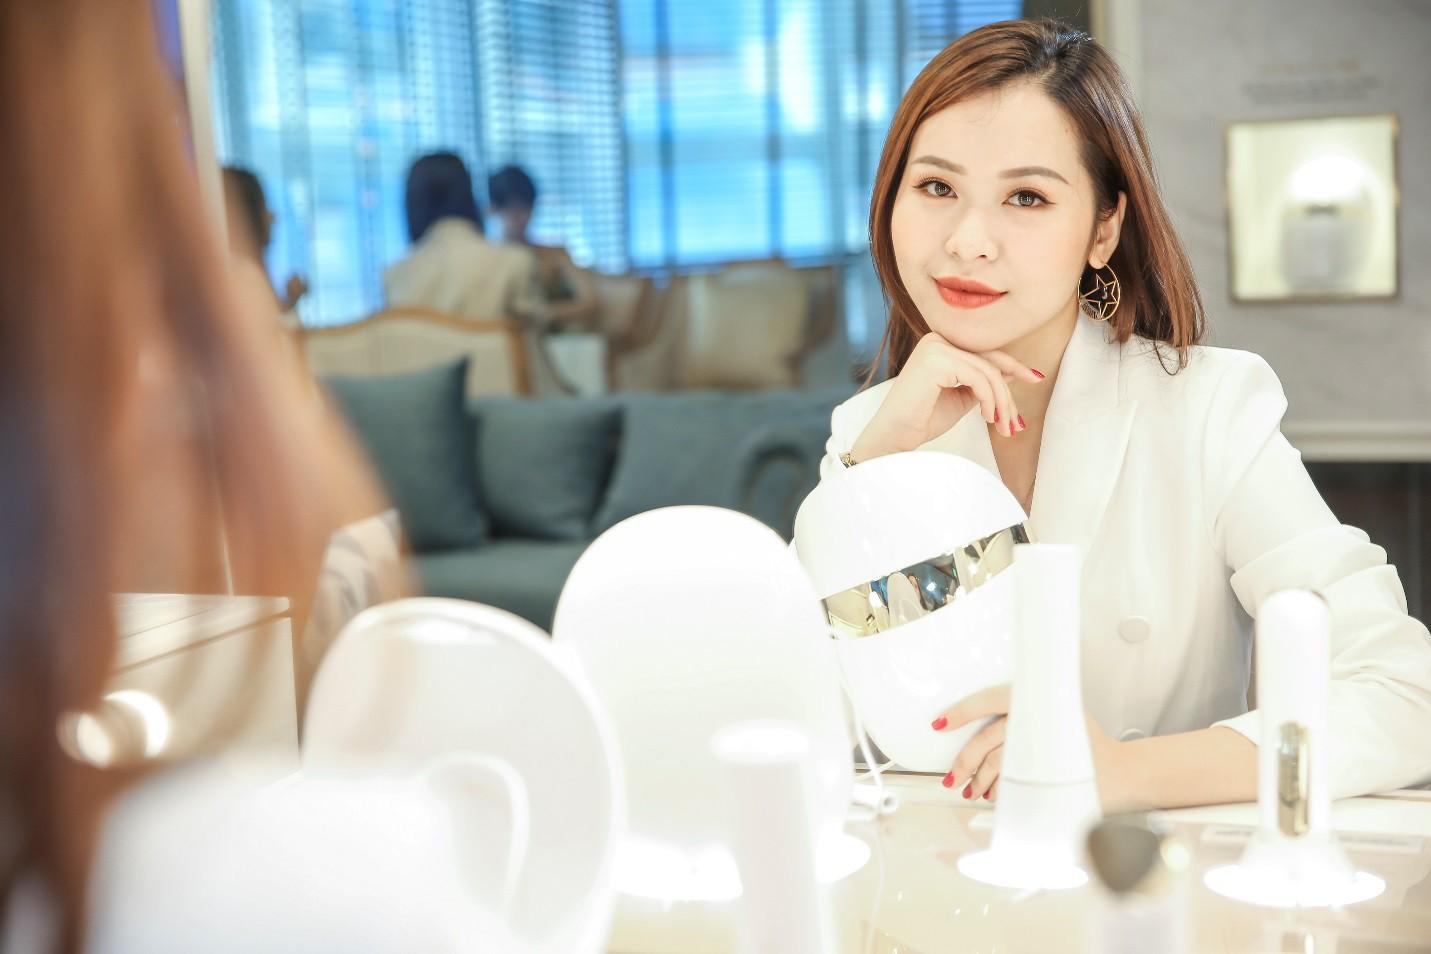 Hariwon, Helly Tống, Sĩ Thanh cùng dàn hoa hậu Việt hào hứng trải nghiệm dòng sản phẩm công nghệ làm đẹp độc đáo - Ảnh 8.